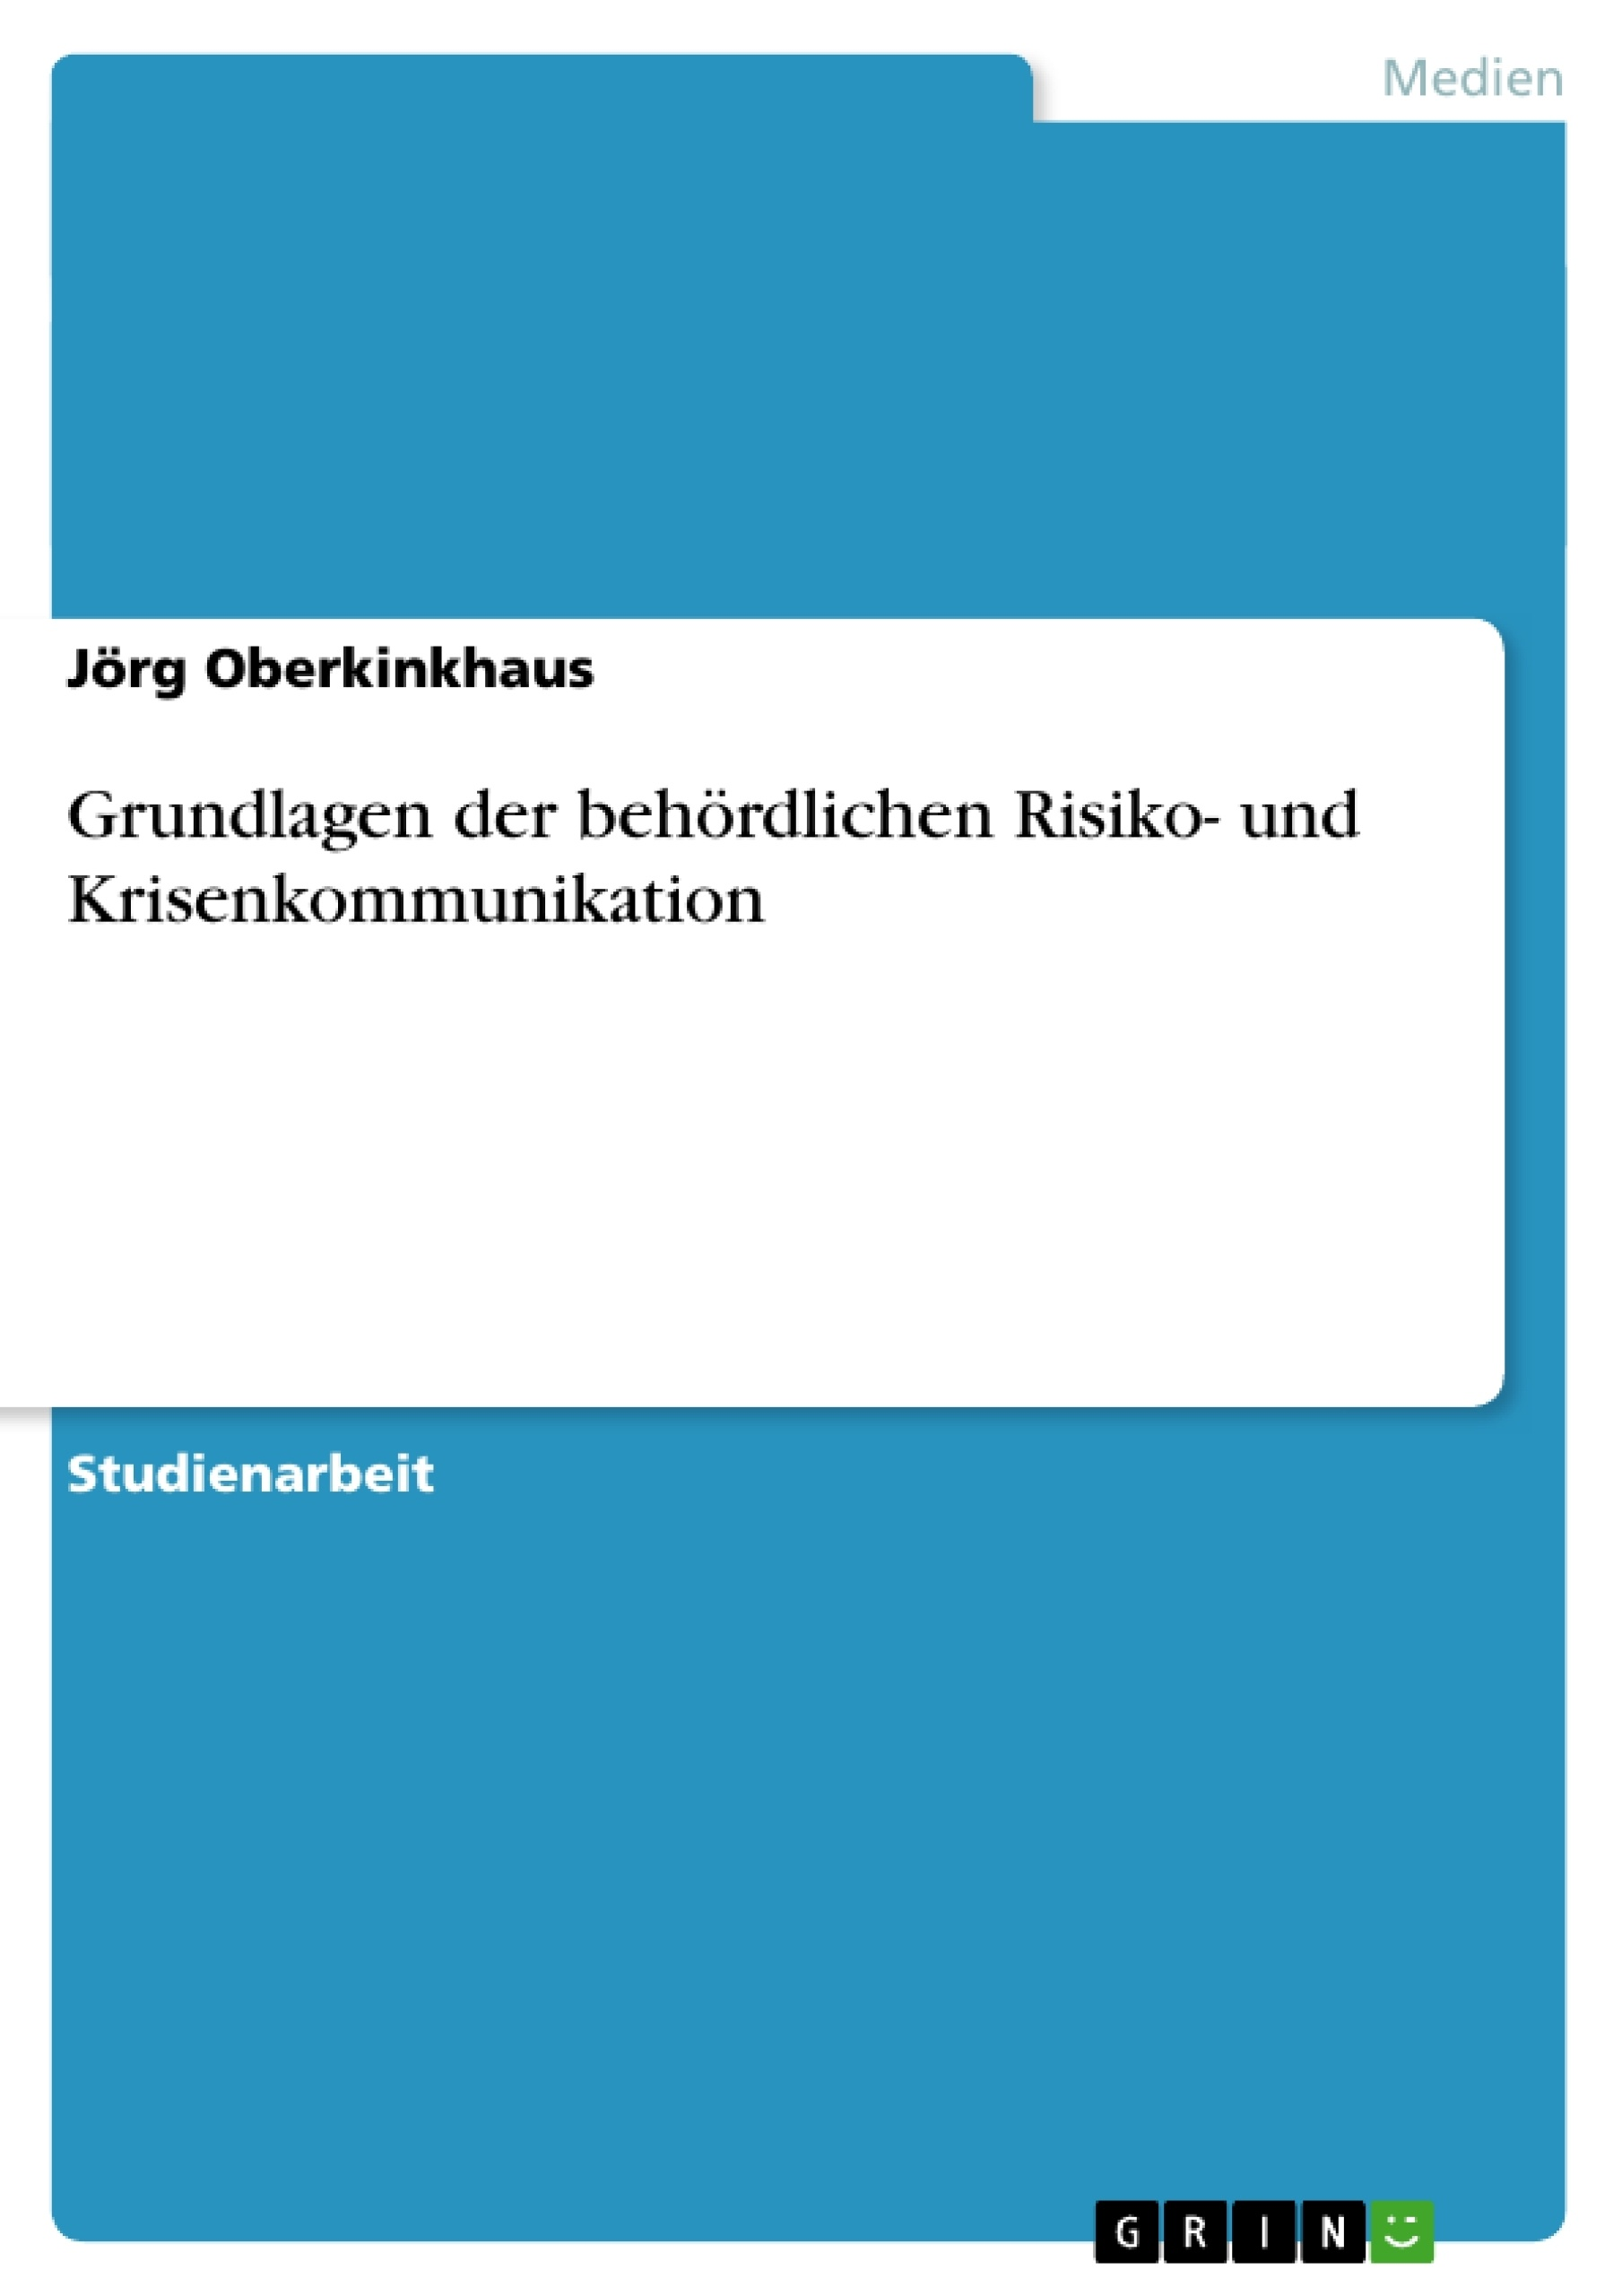 Titel: Grundlagen der behördlichen Risiko- und Krisenkommunikation